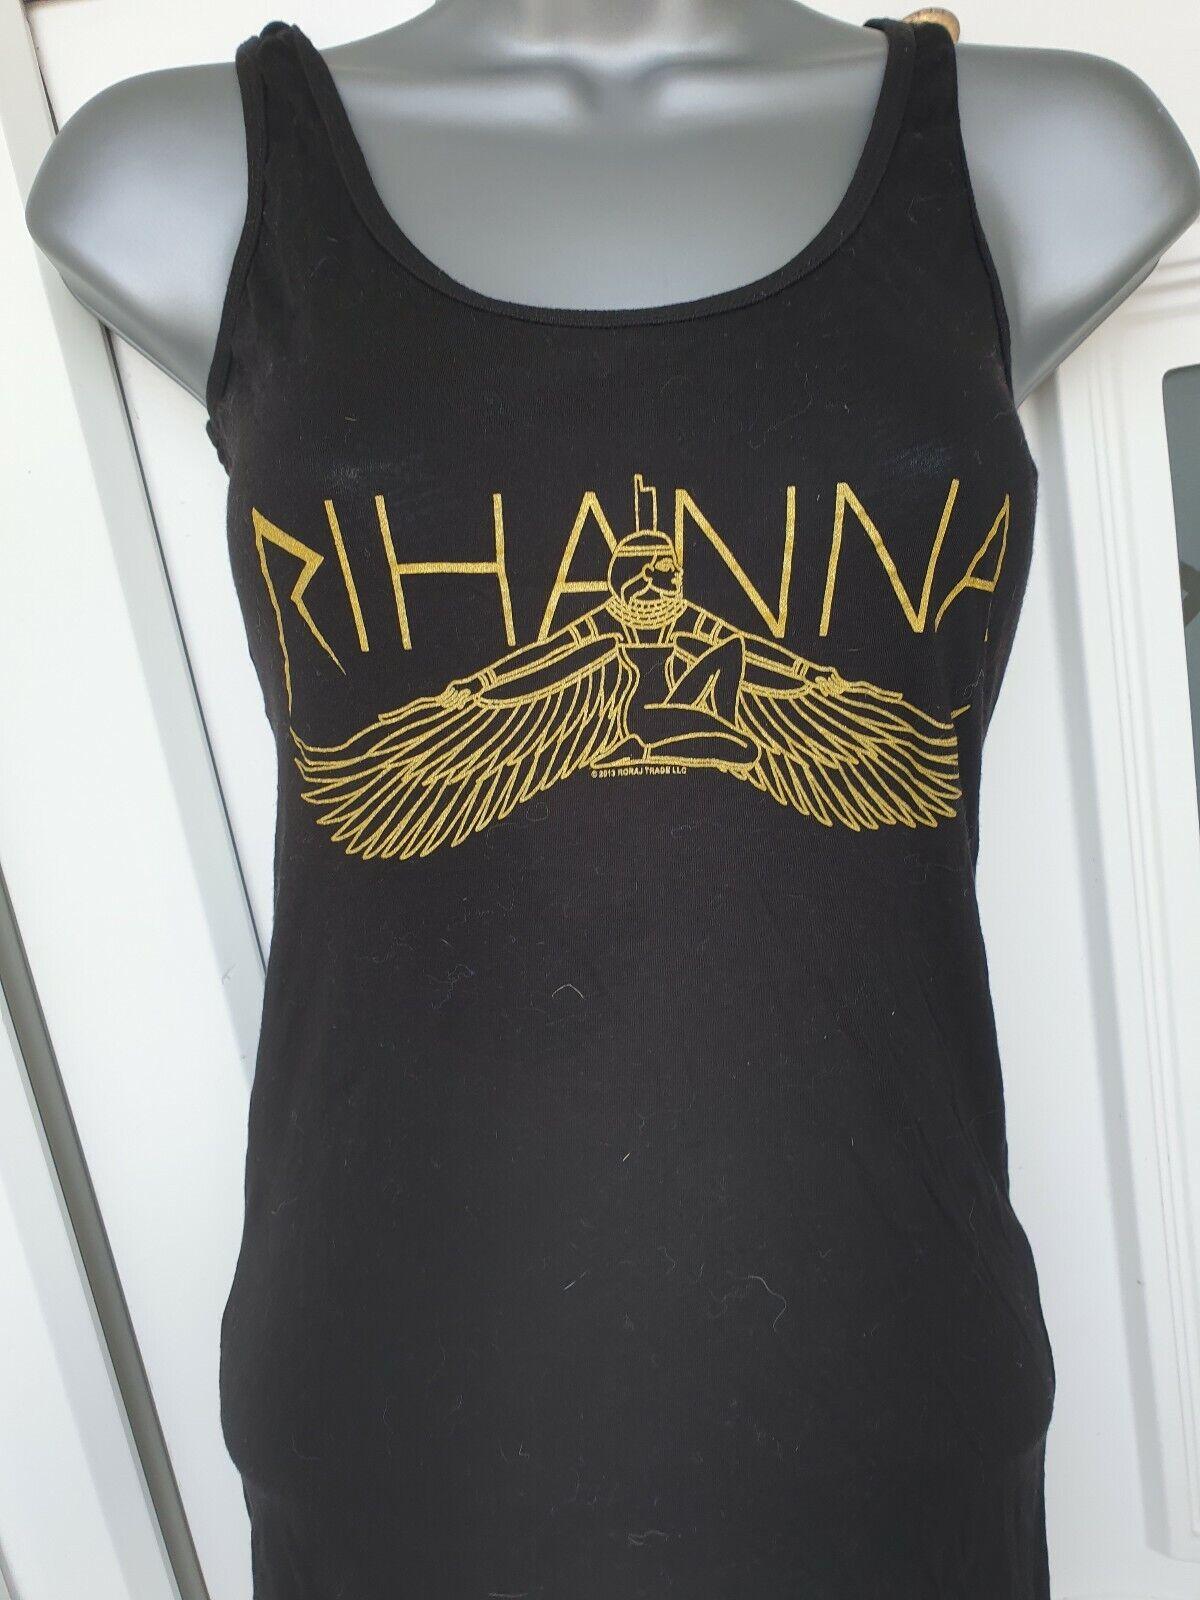 Rihanna Vest Top Concert Memorabilia